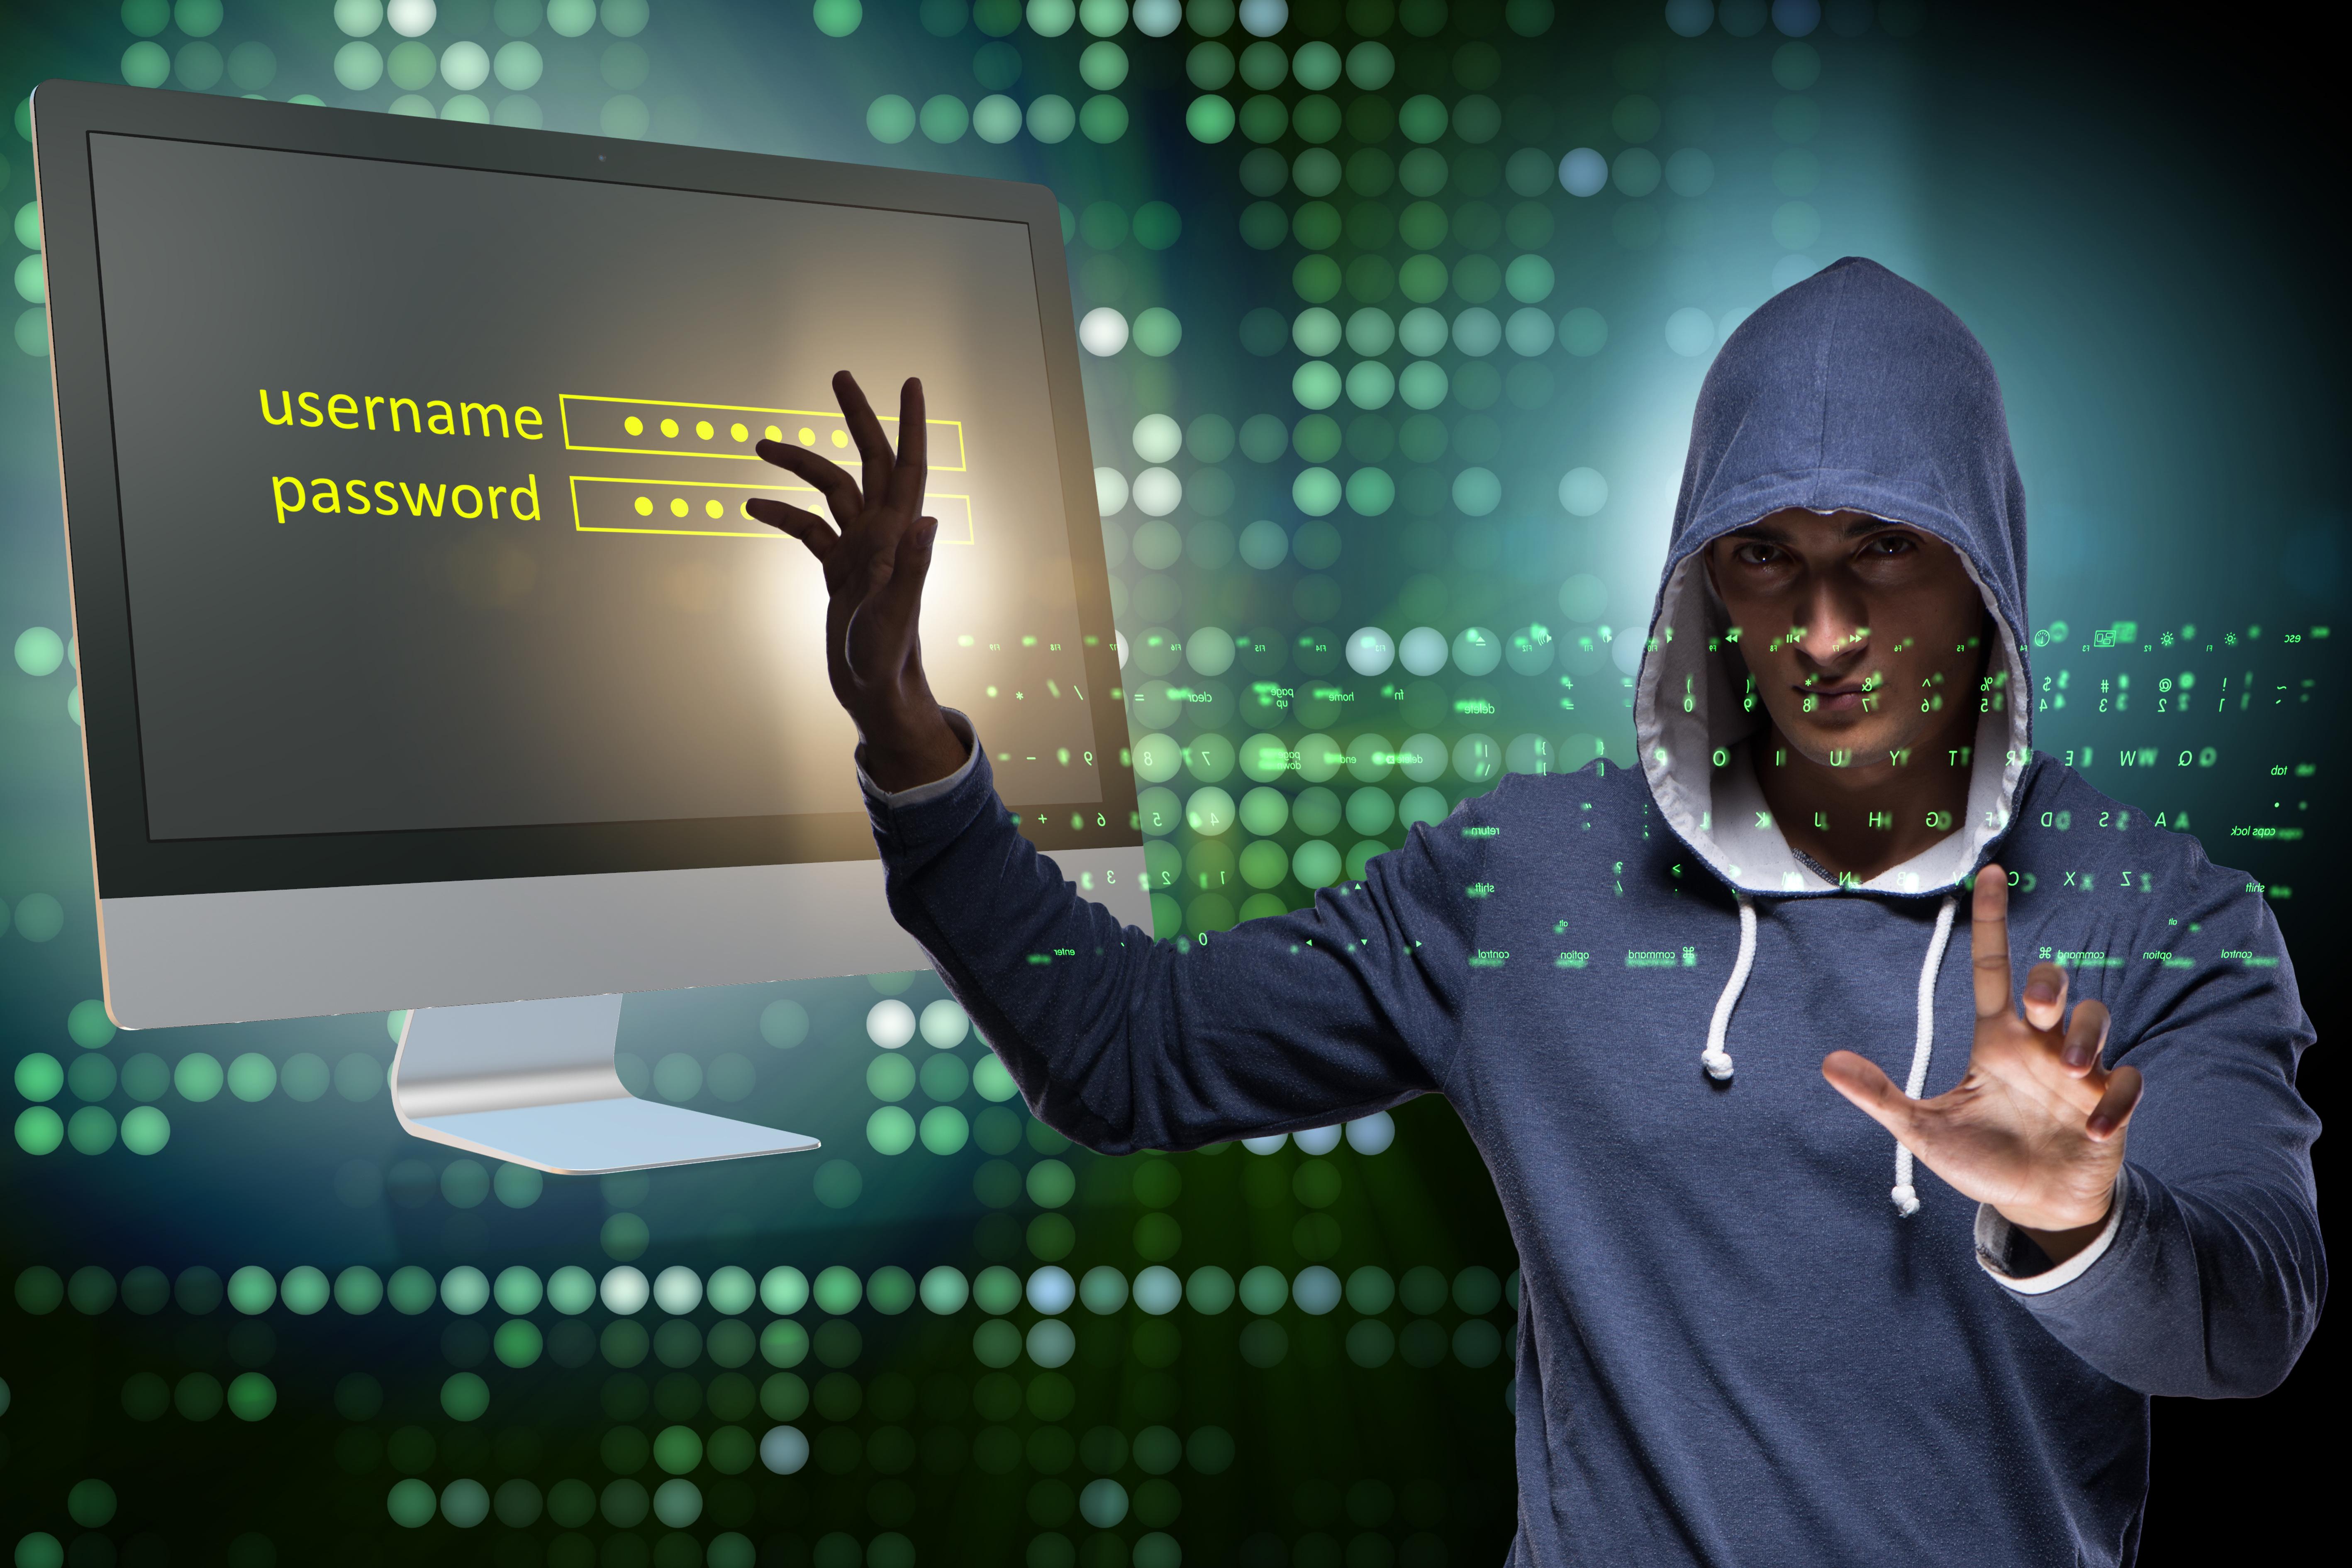 Vulnerabilità, falla nei processori